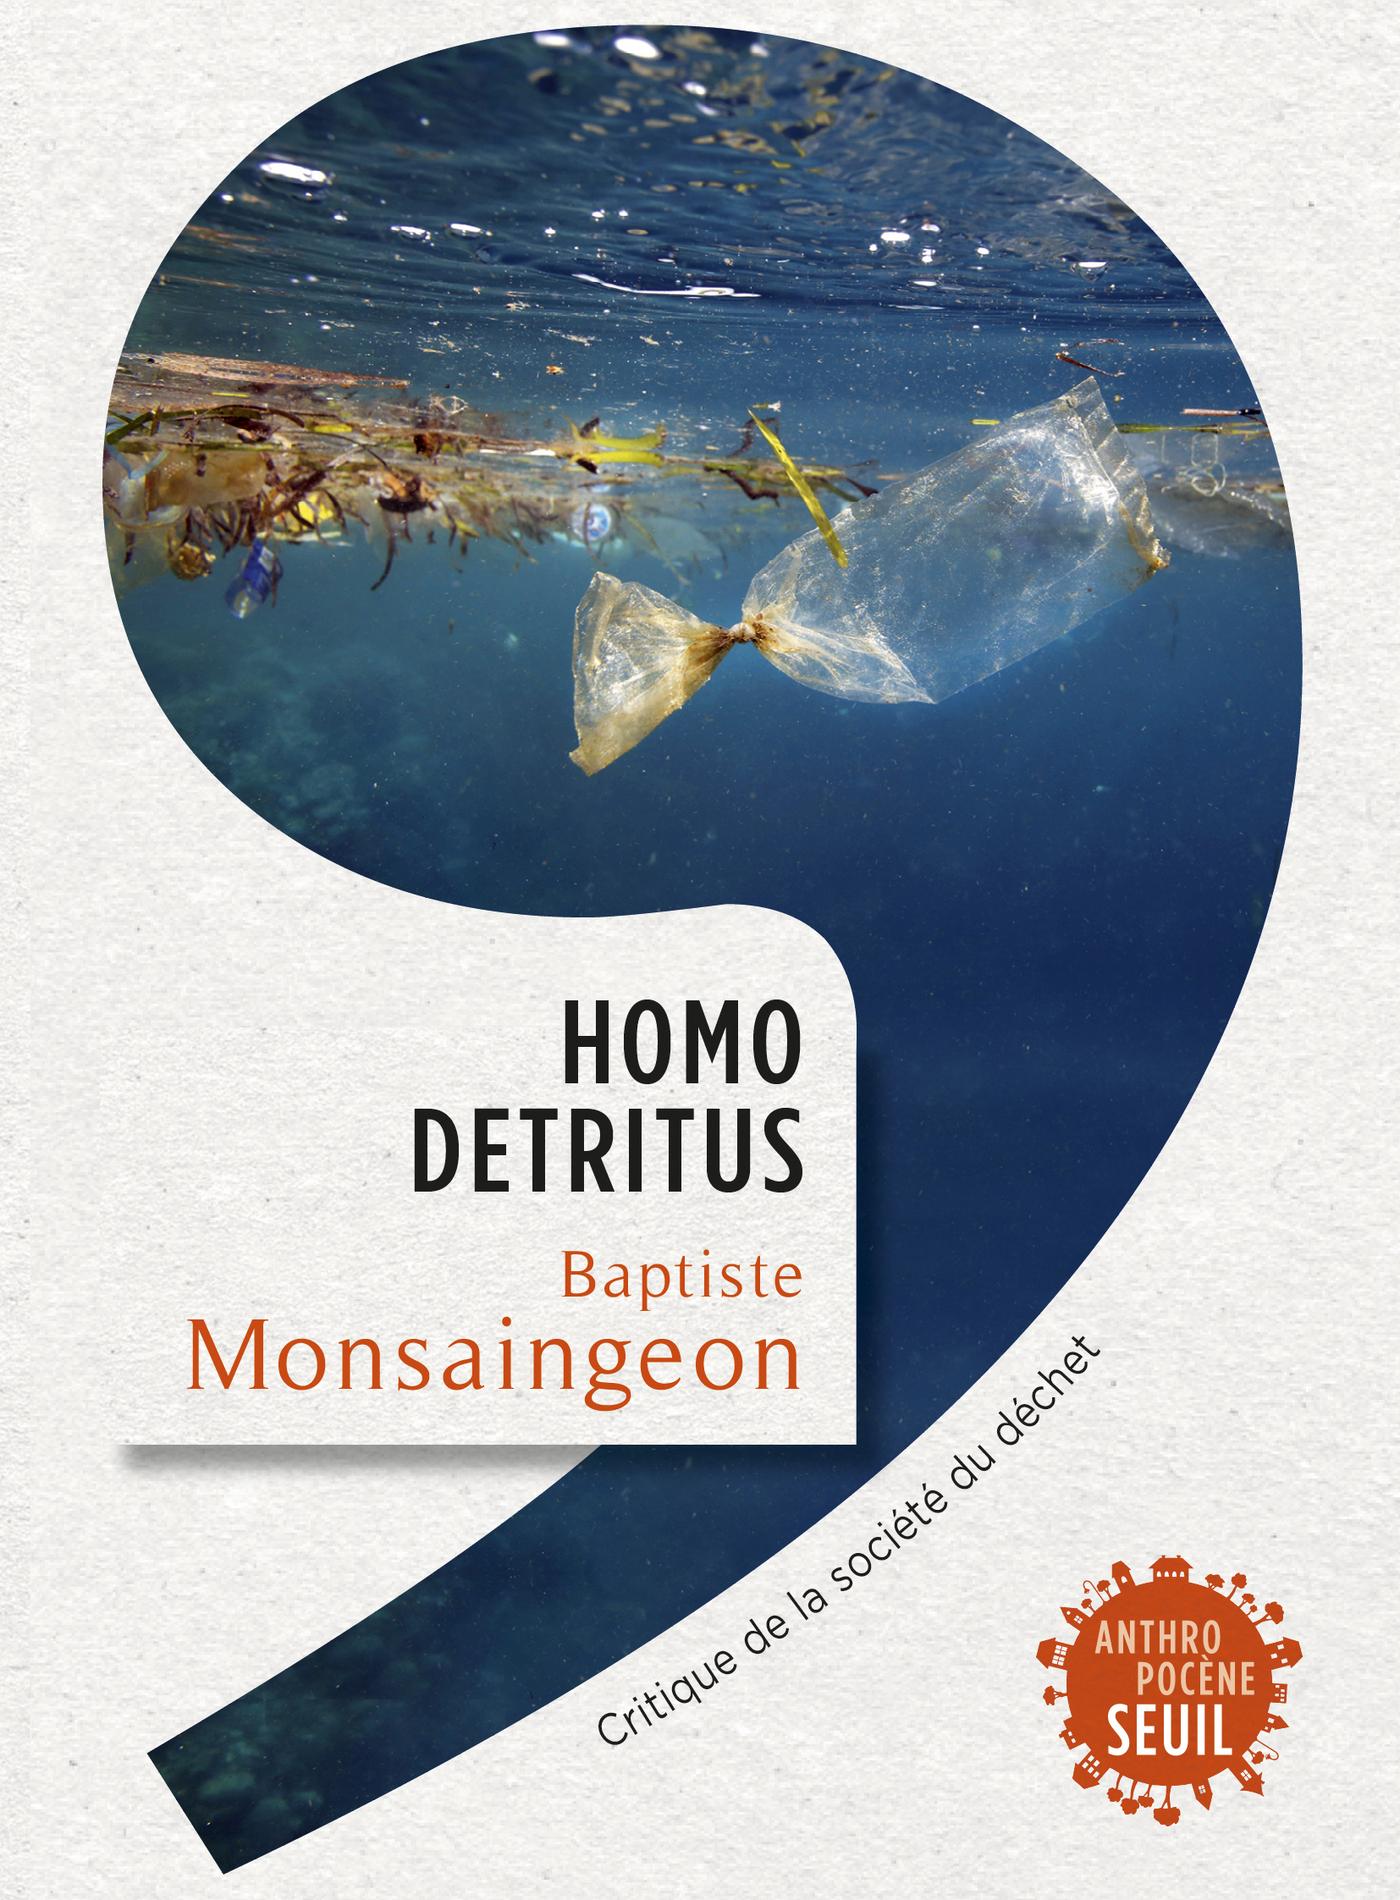 Homo detritus - Critique de la société du déchet